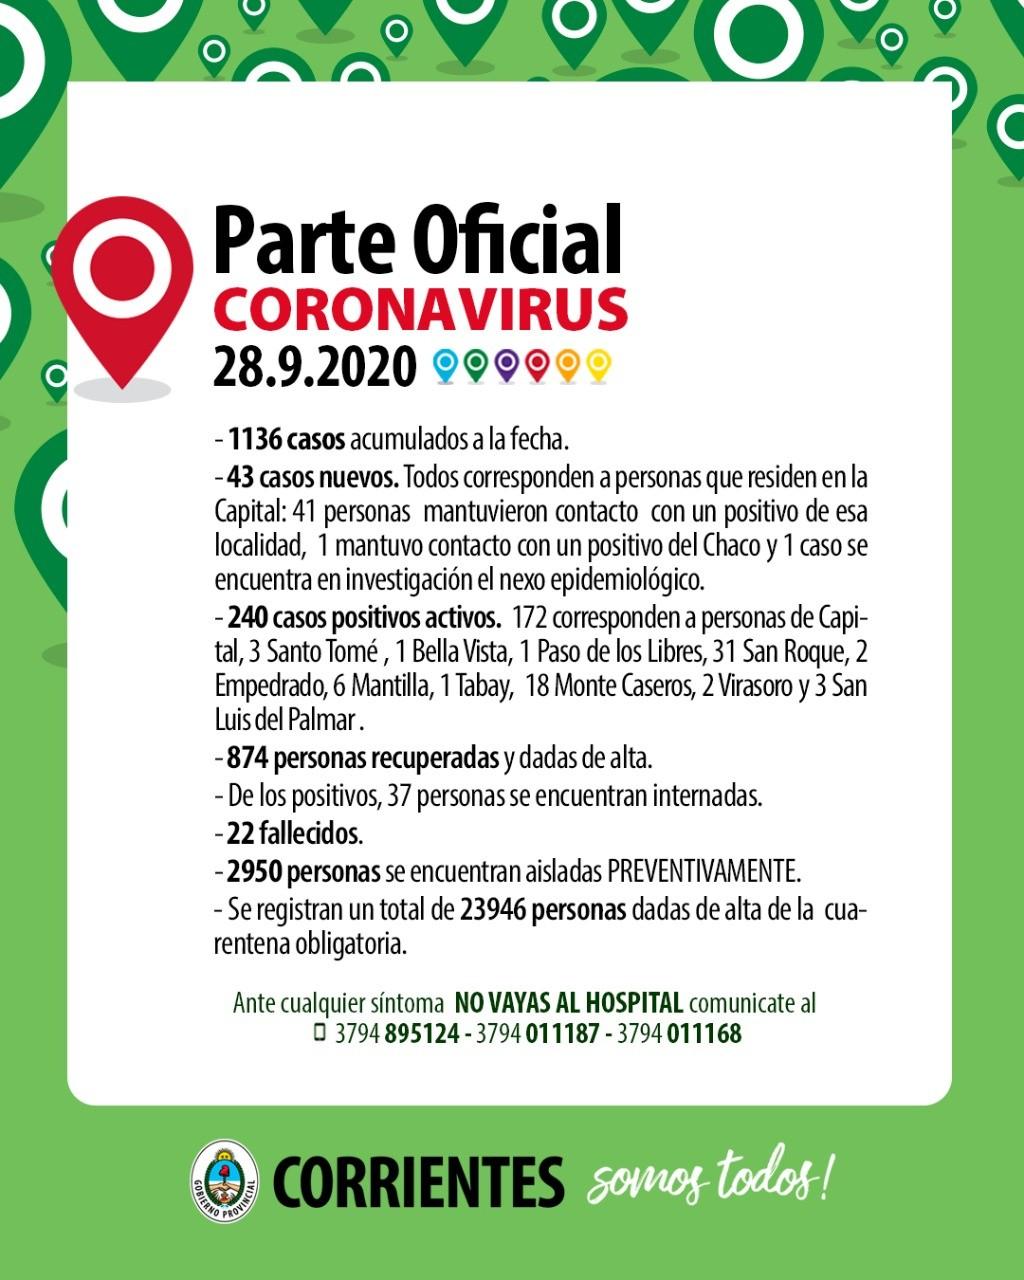 Récord de casos de Covid-19 en la capital Correntina